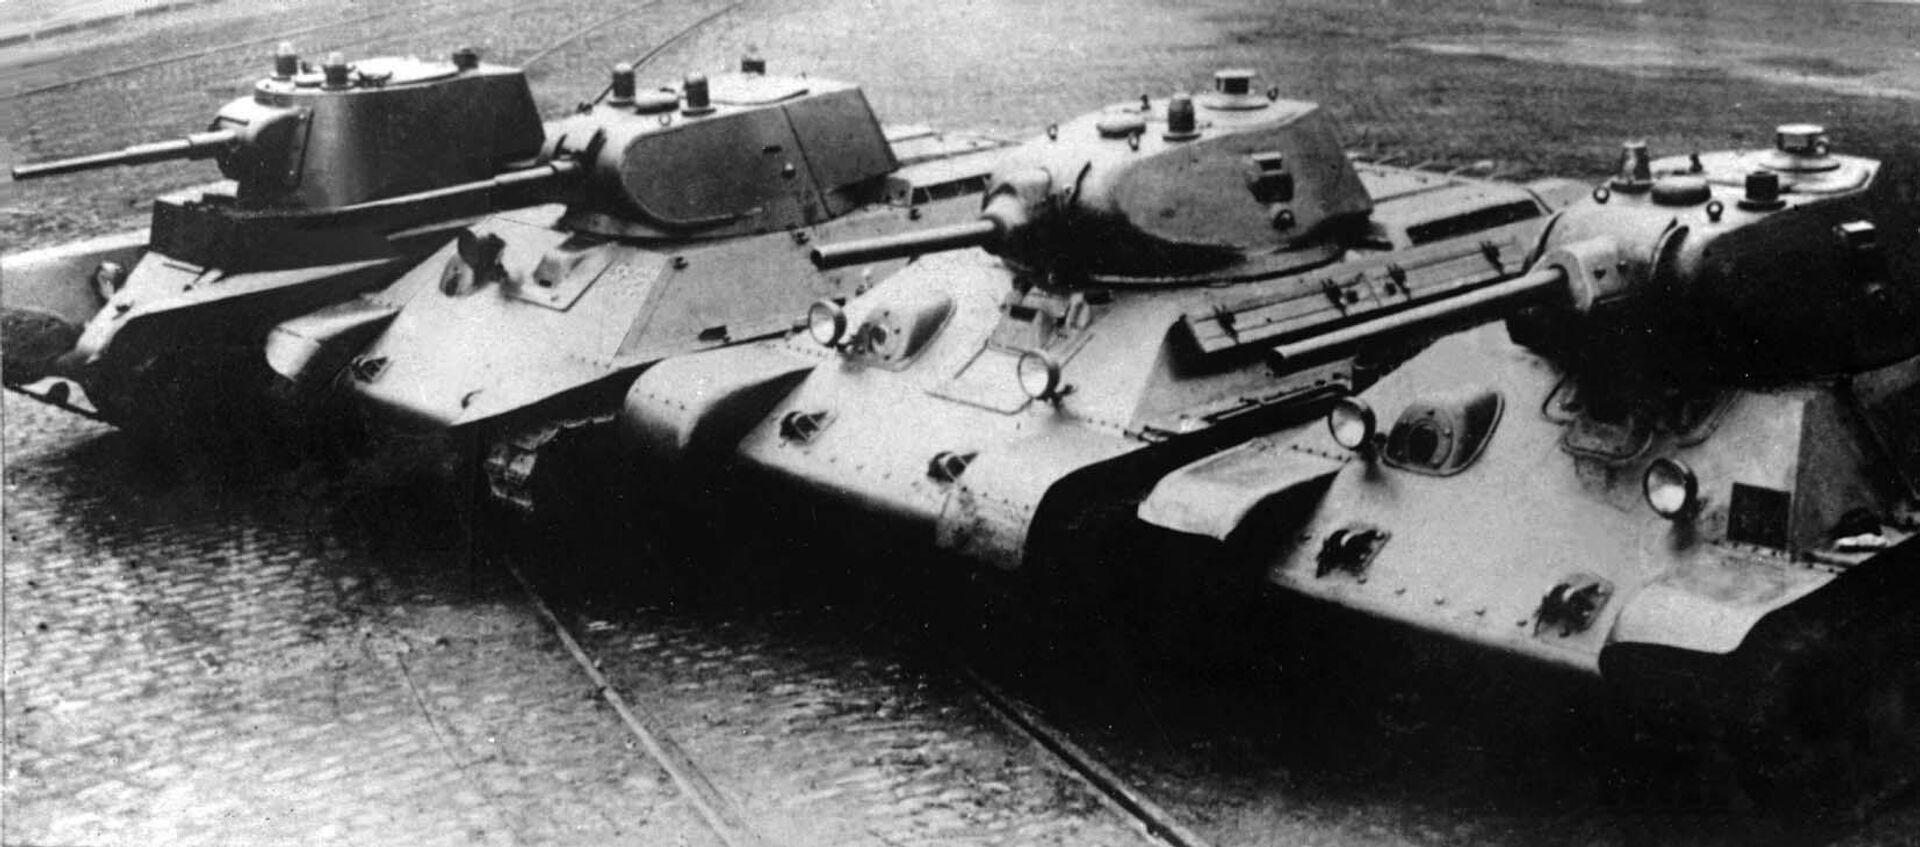 Довоенные танки производства завода № 183. Слева направо: А-8 (БТ-7М), А-20, Т-34 обр. 1940 года с пушкой Л-11, Т-34 обр. 1941 года с пушкой Ф-34 - РИА Новости, 1920, 16.09.2020